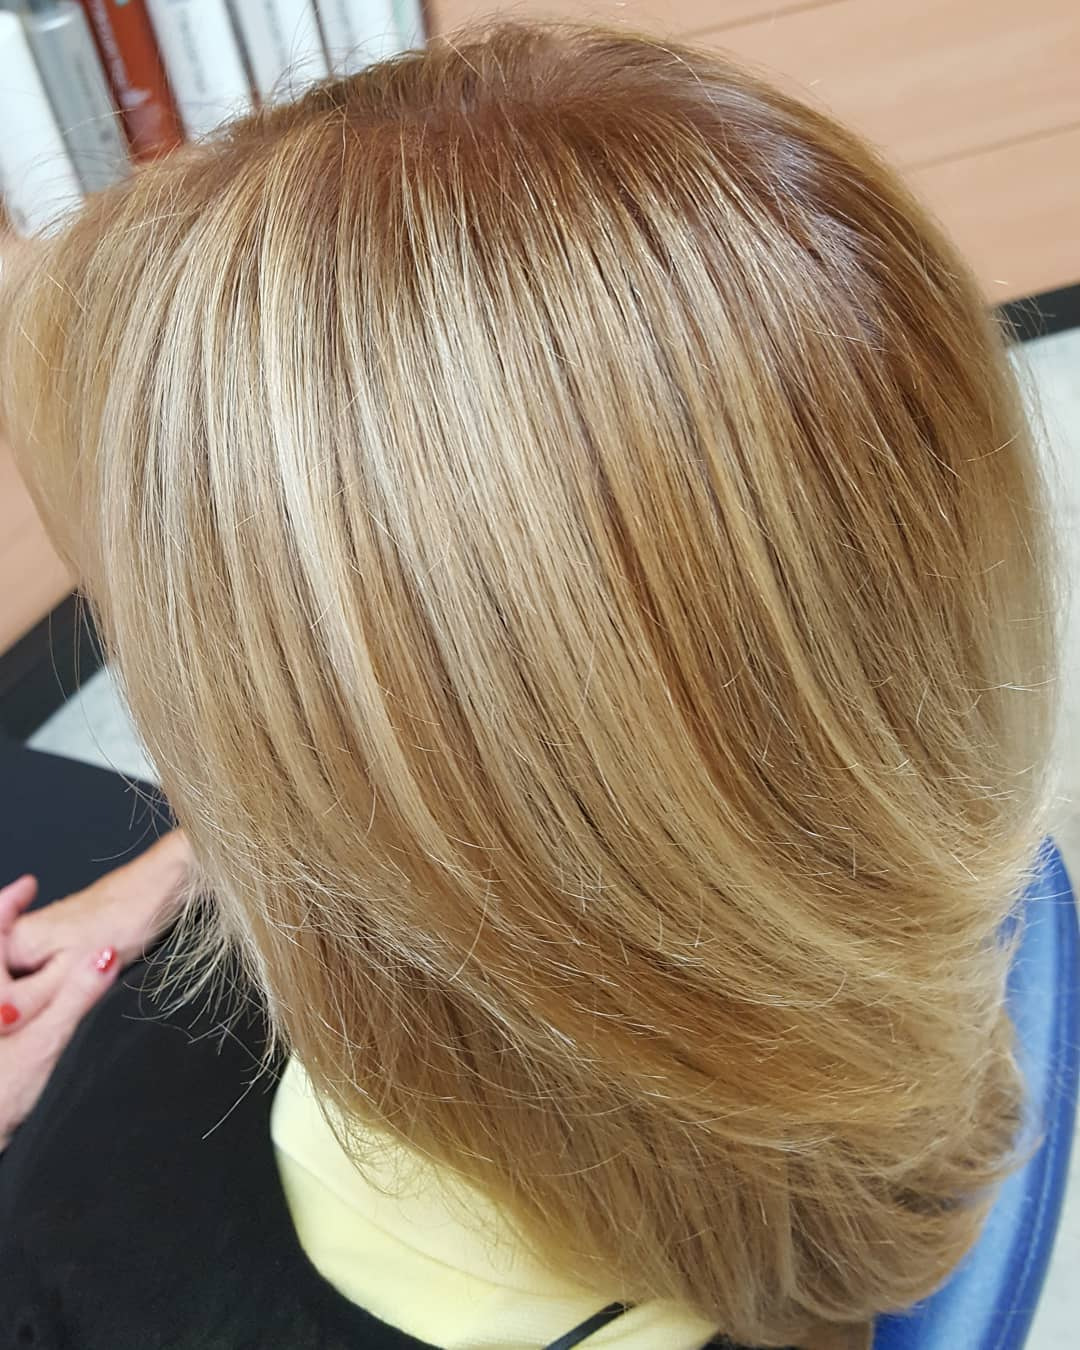 Das Bild zeigt das Ergebnis einer Sunkissed Balayage in unserem Frankfurter Salon - Haare wie von der Sonne geküsst